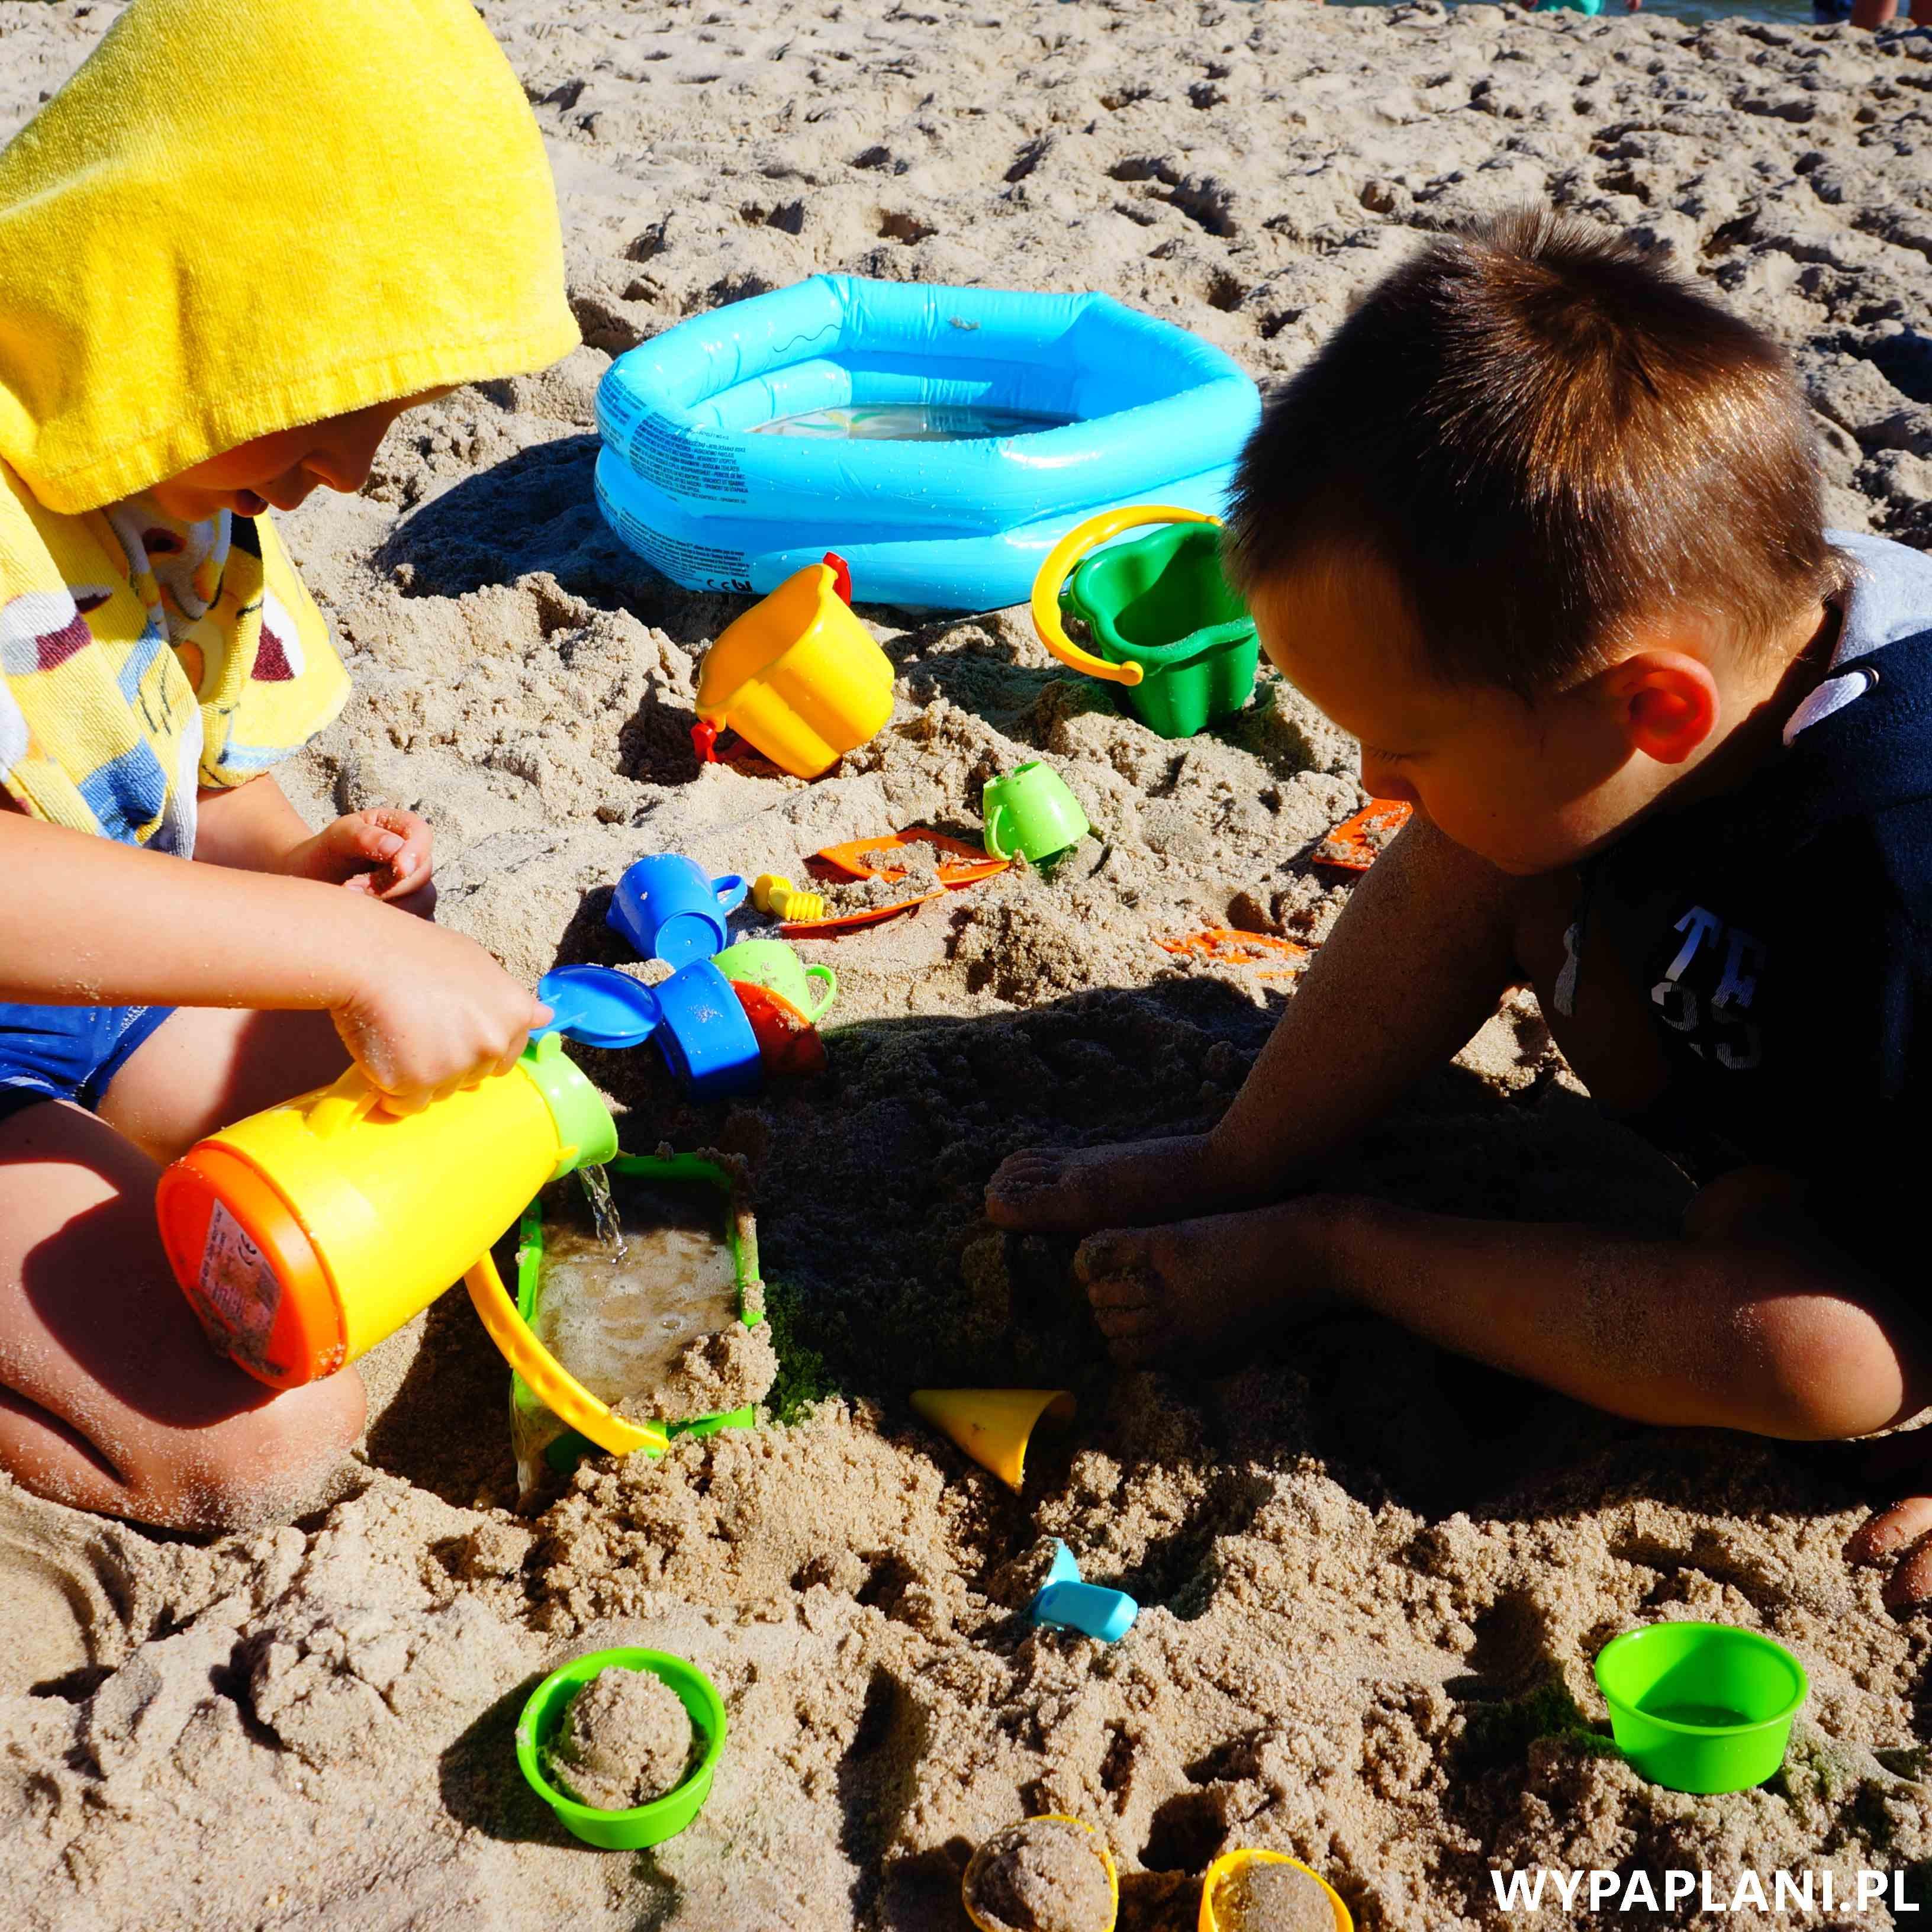 006_top zabawki do piasku piaskownicy na plażę